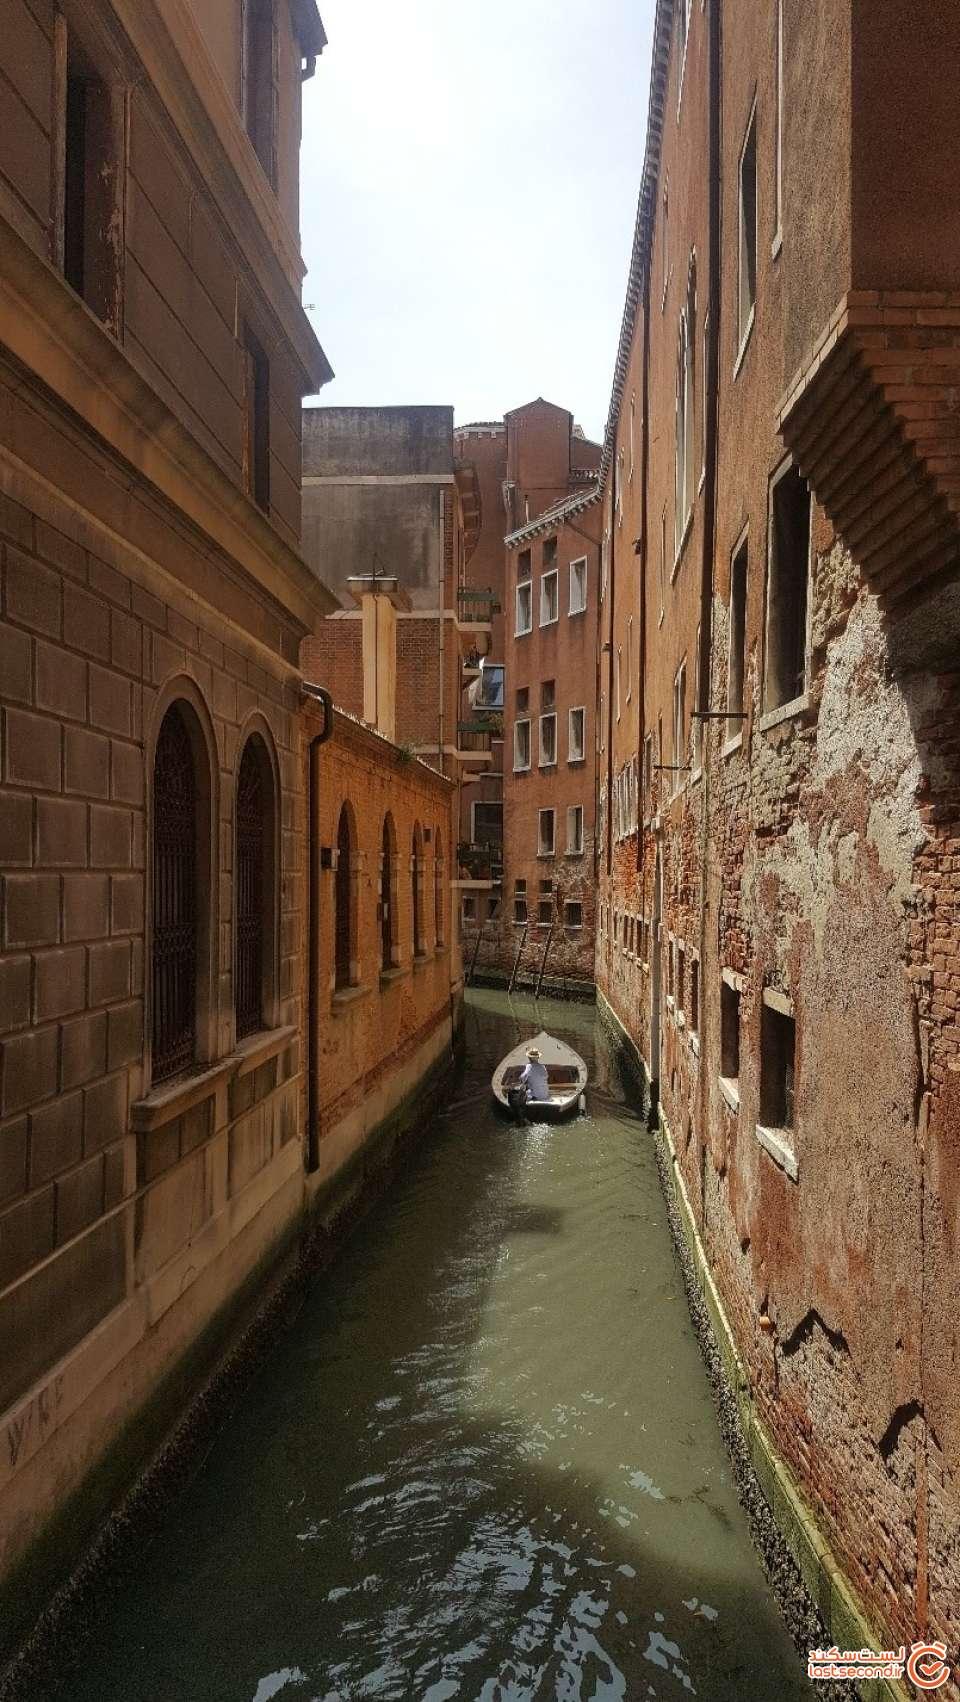 سفری به رویایی ترین شهر اروپا، ونیز: یک کتاب قدیمی عاشقانه